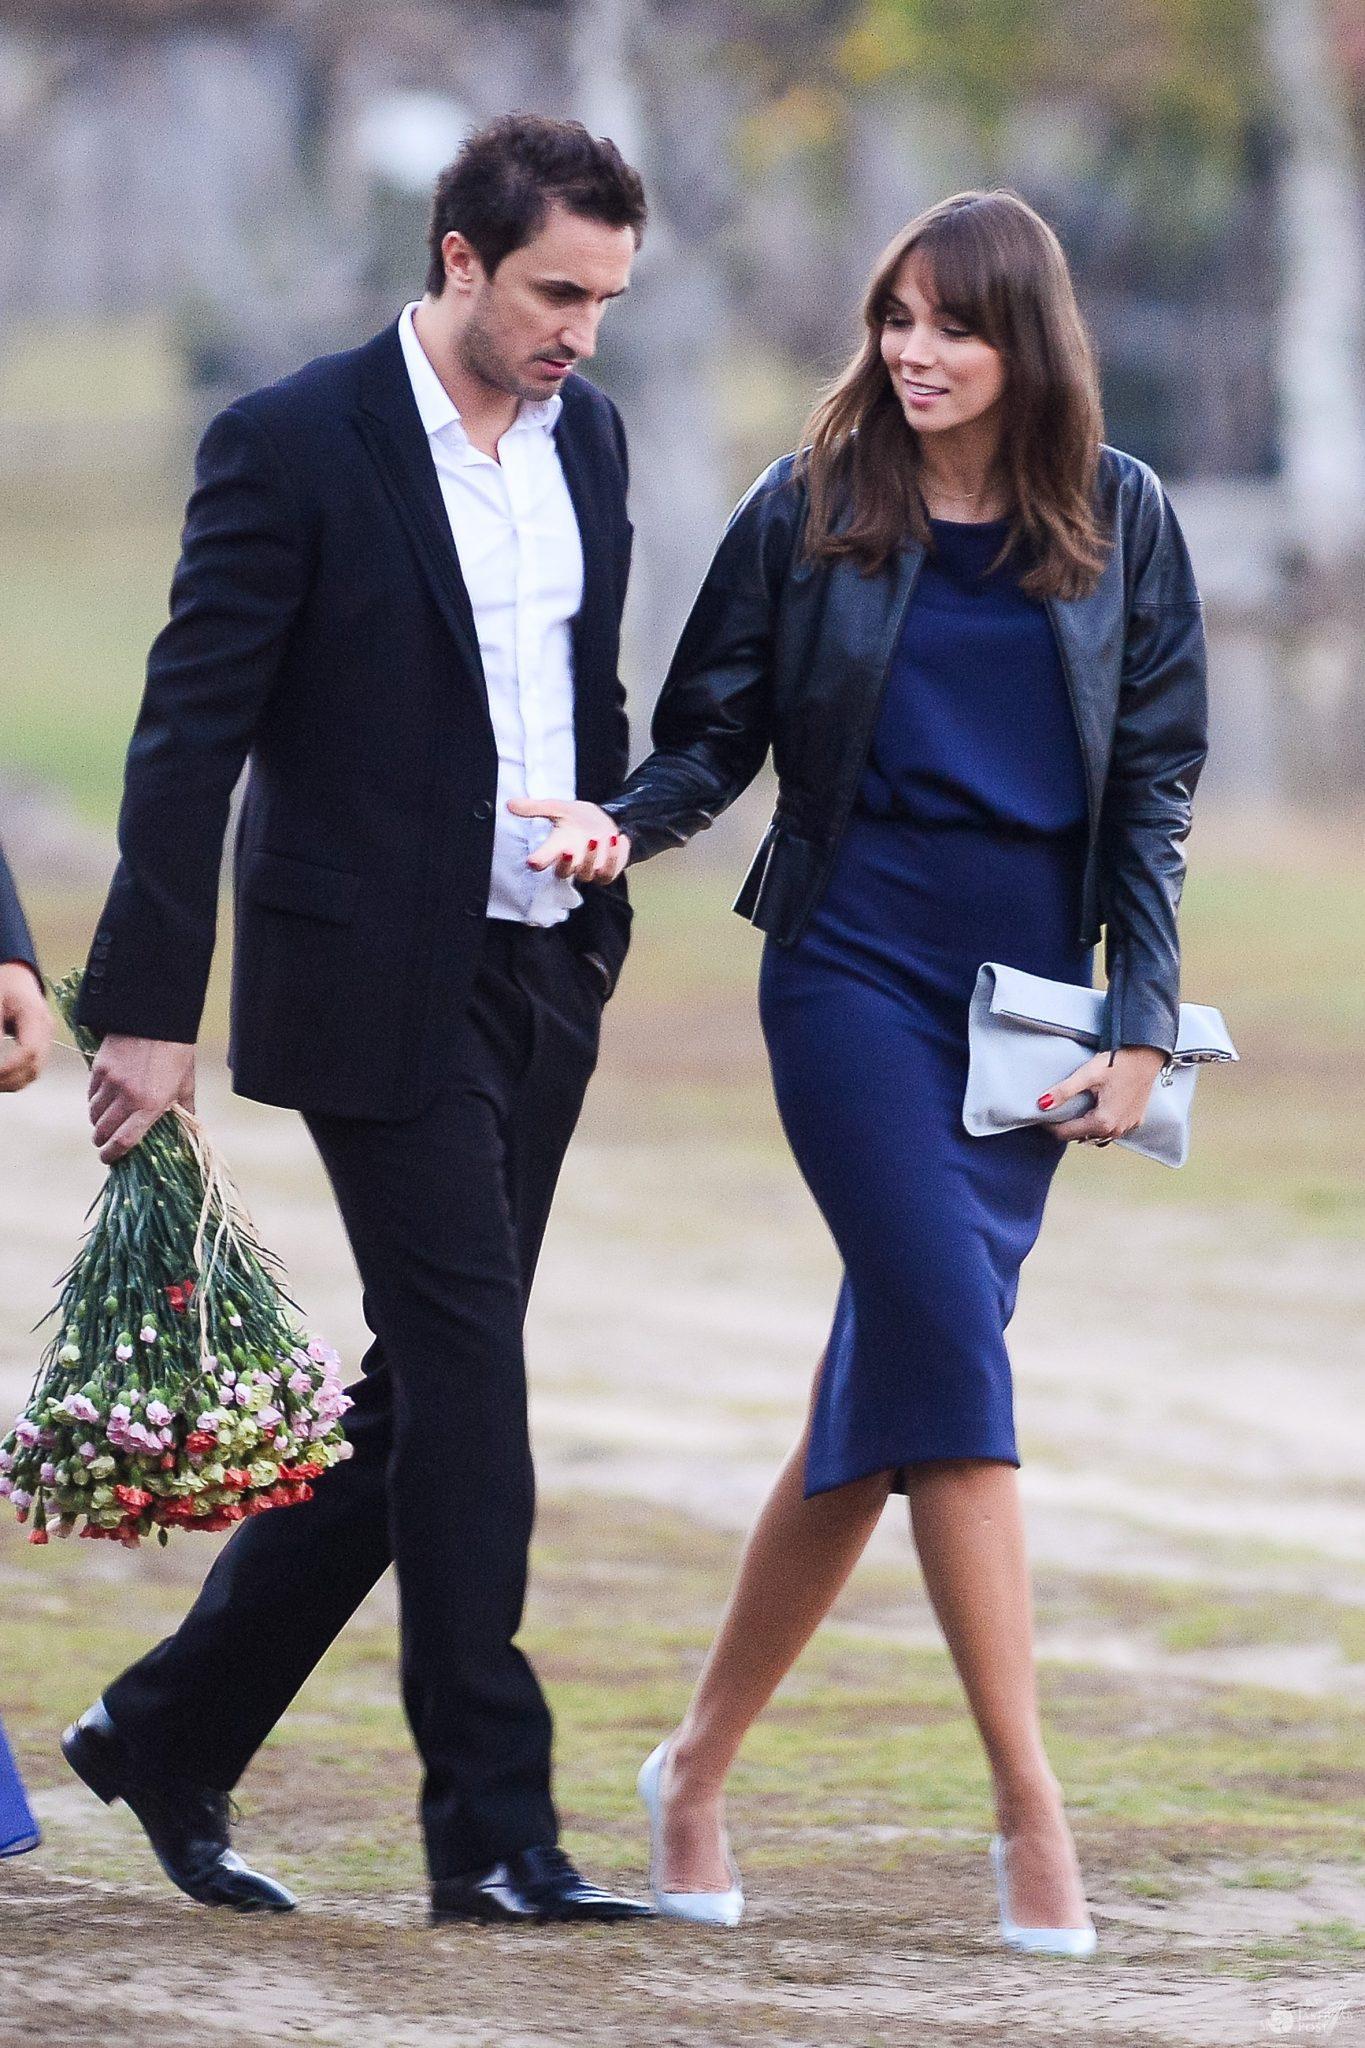 Paulina Krupińska na Instagramie pokazała zdjęcie z córką i partnerem